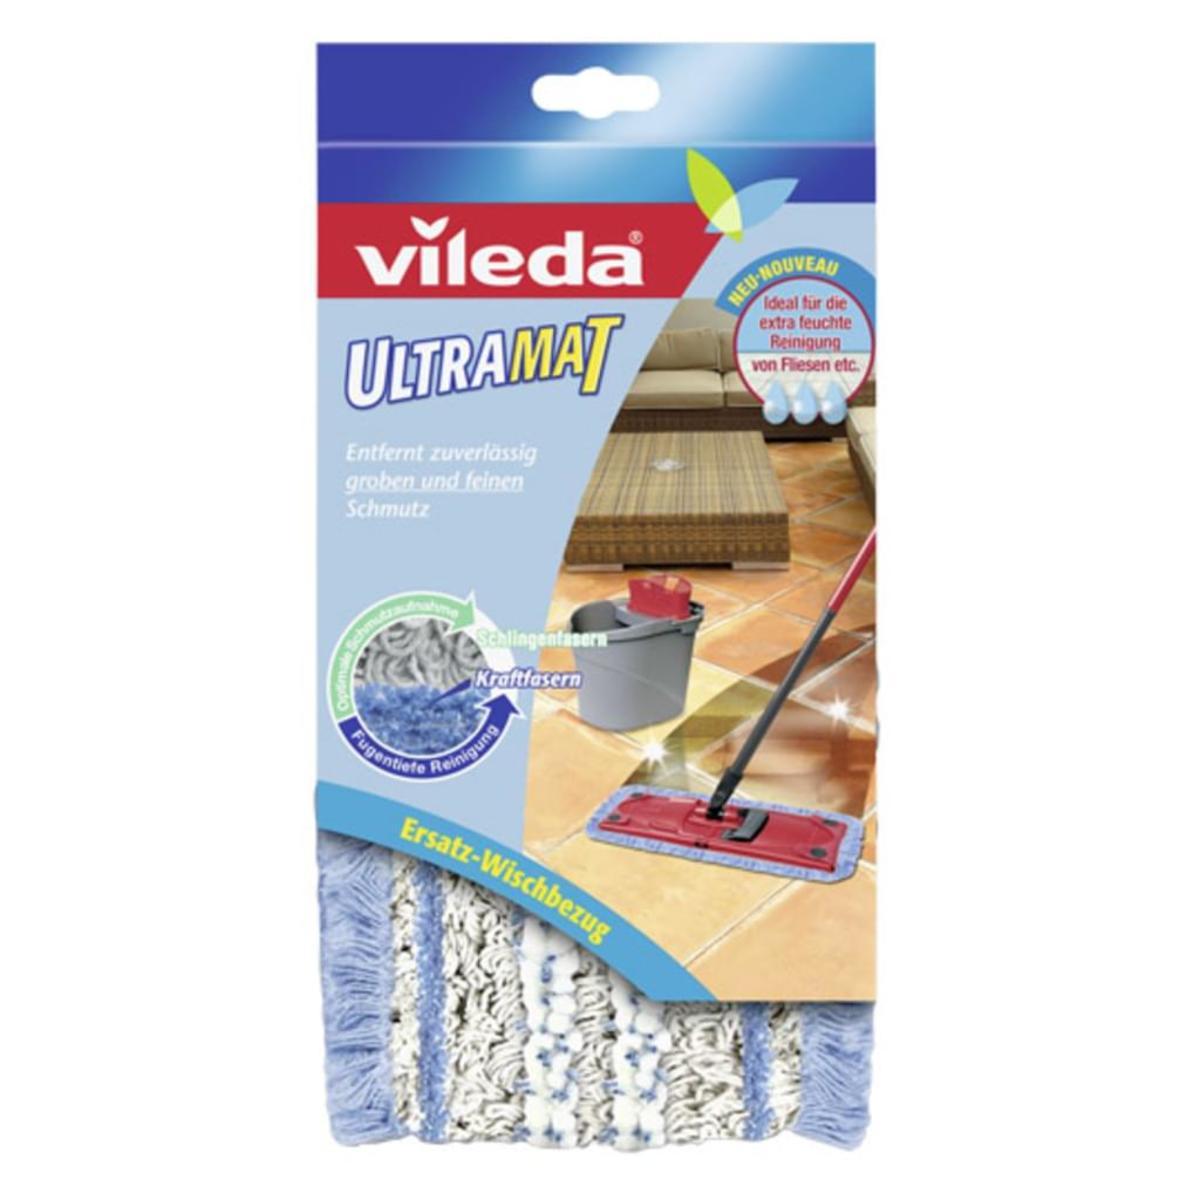 Bild 2 von Vileda Ultramat Reinigungssystem Bodenwischer  für fugentiefe Sauberkeit